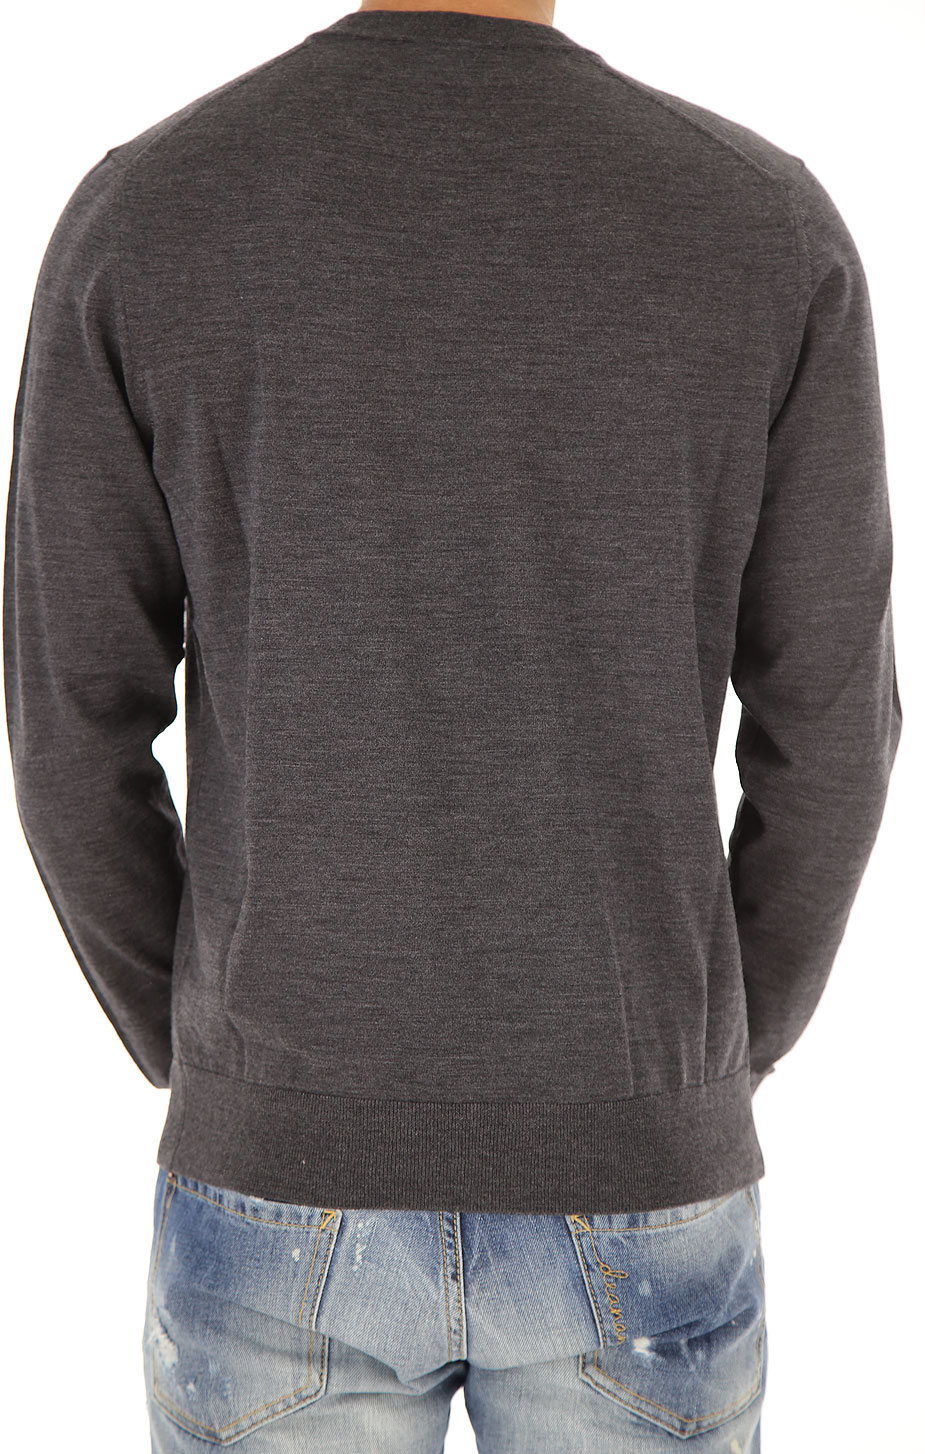 572r Abbigliamento b85 Articolo Uomo Abbigliamento ptxc Smith Codice Paul Uomo 8Rqaqwg